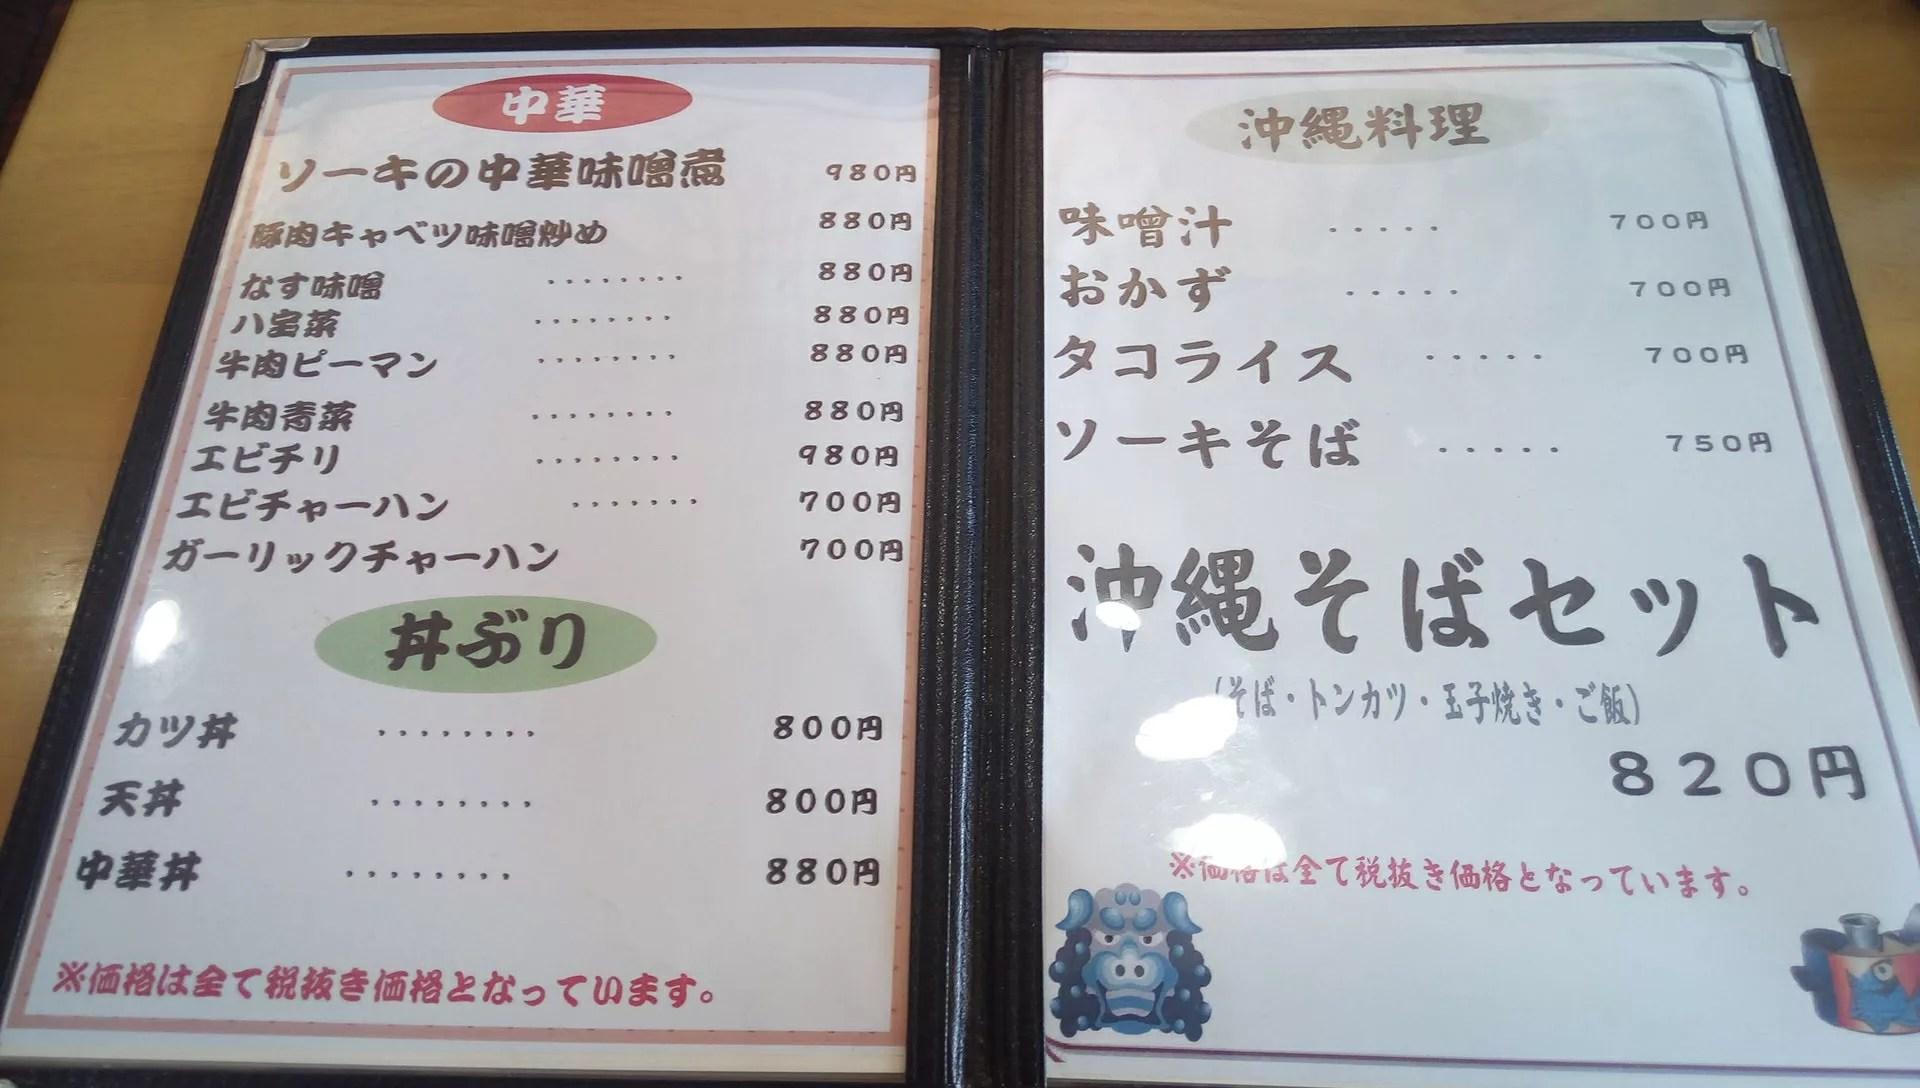 the oak restaurant menu 2